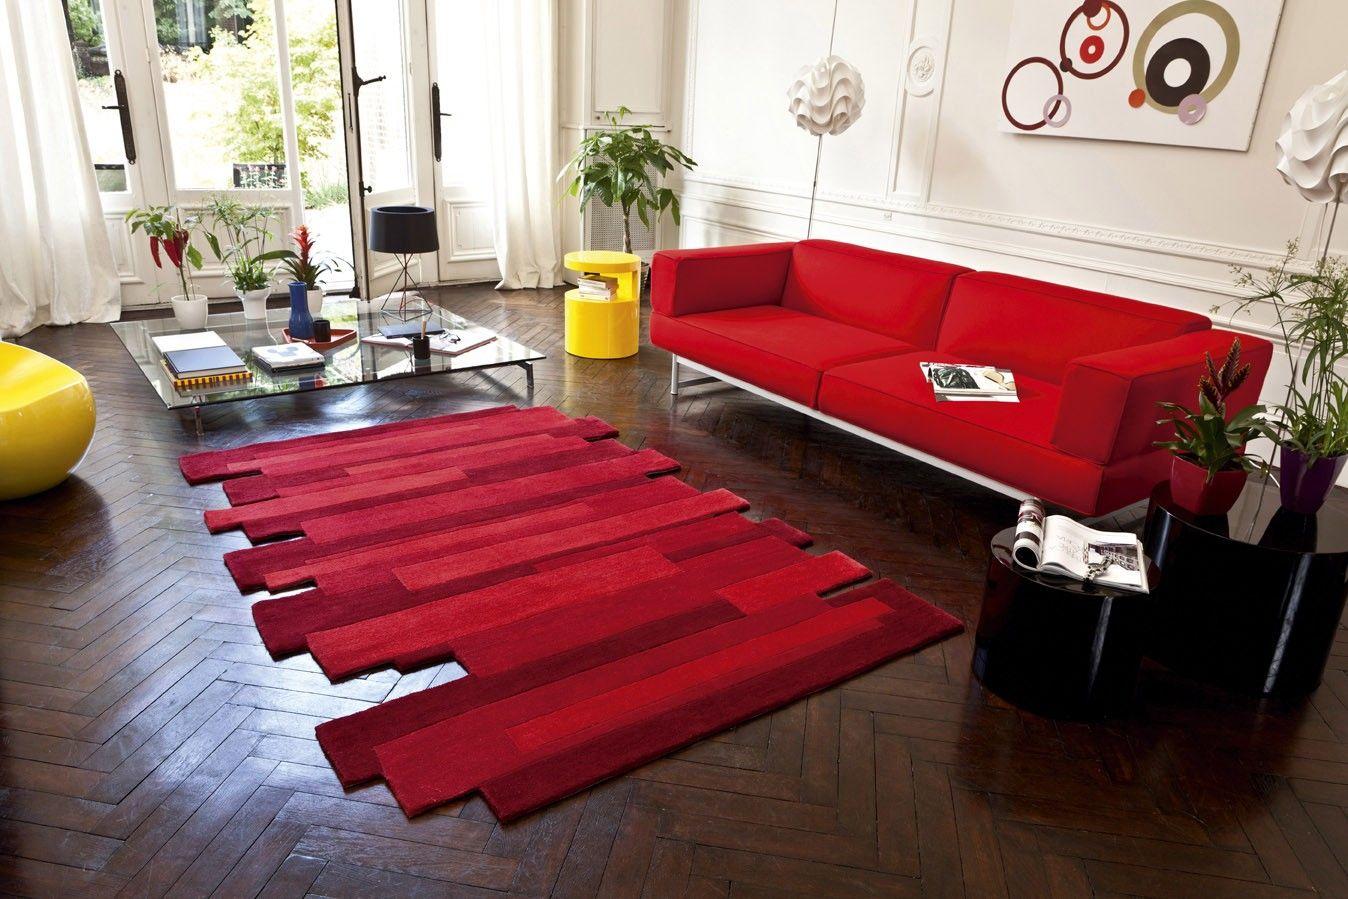 Tapis Decoupe Rouge Jump Saint Maclou Deco Pinterest Alfombras